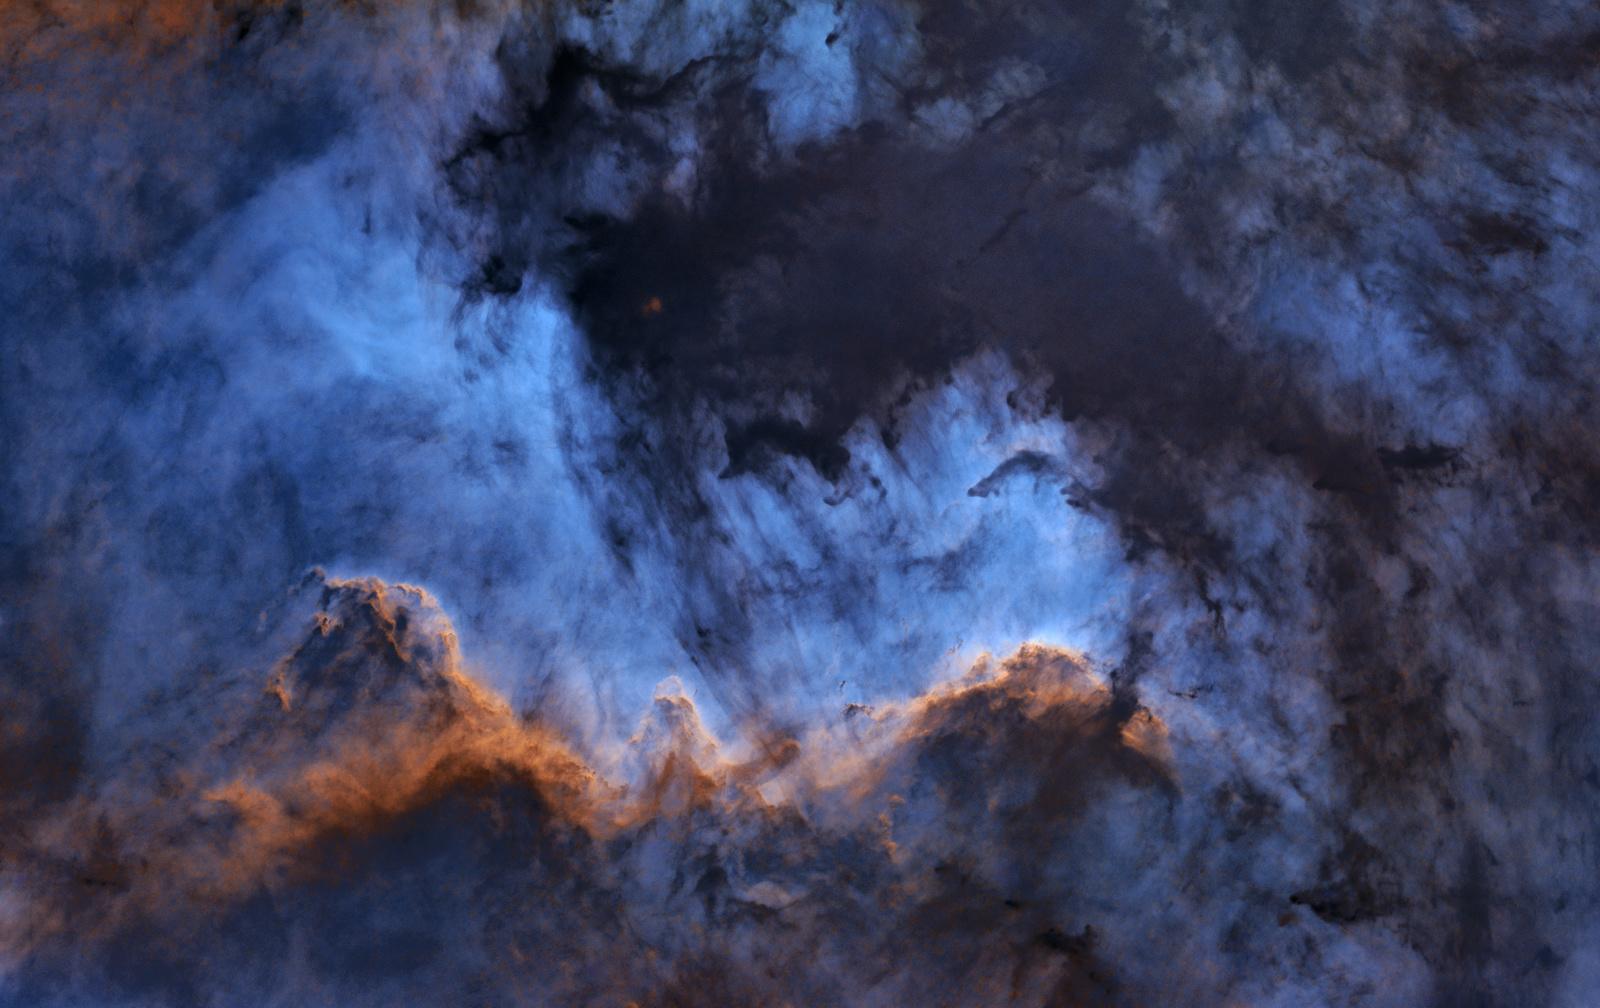 781453187_NGC7000starless.thumb.jpg.18b2ad8e7141e6b2964c023396a4b883.jpg